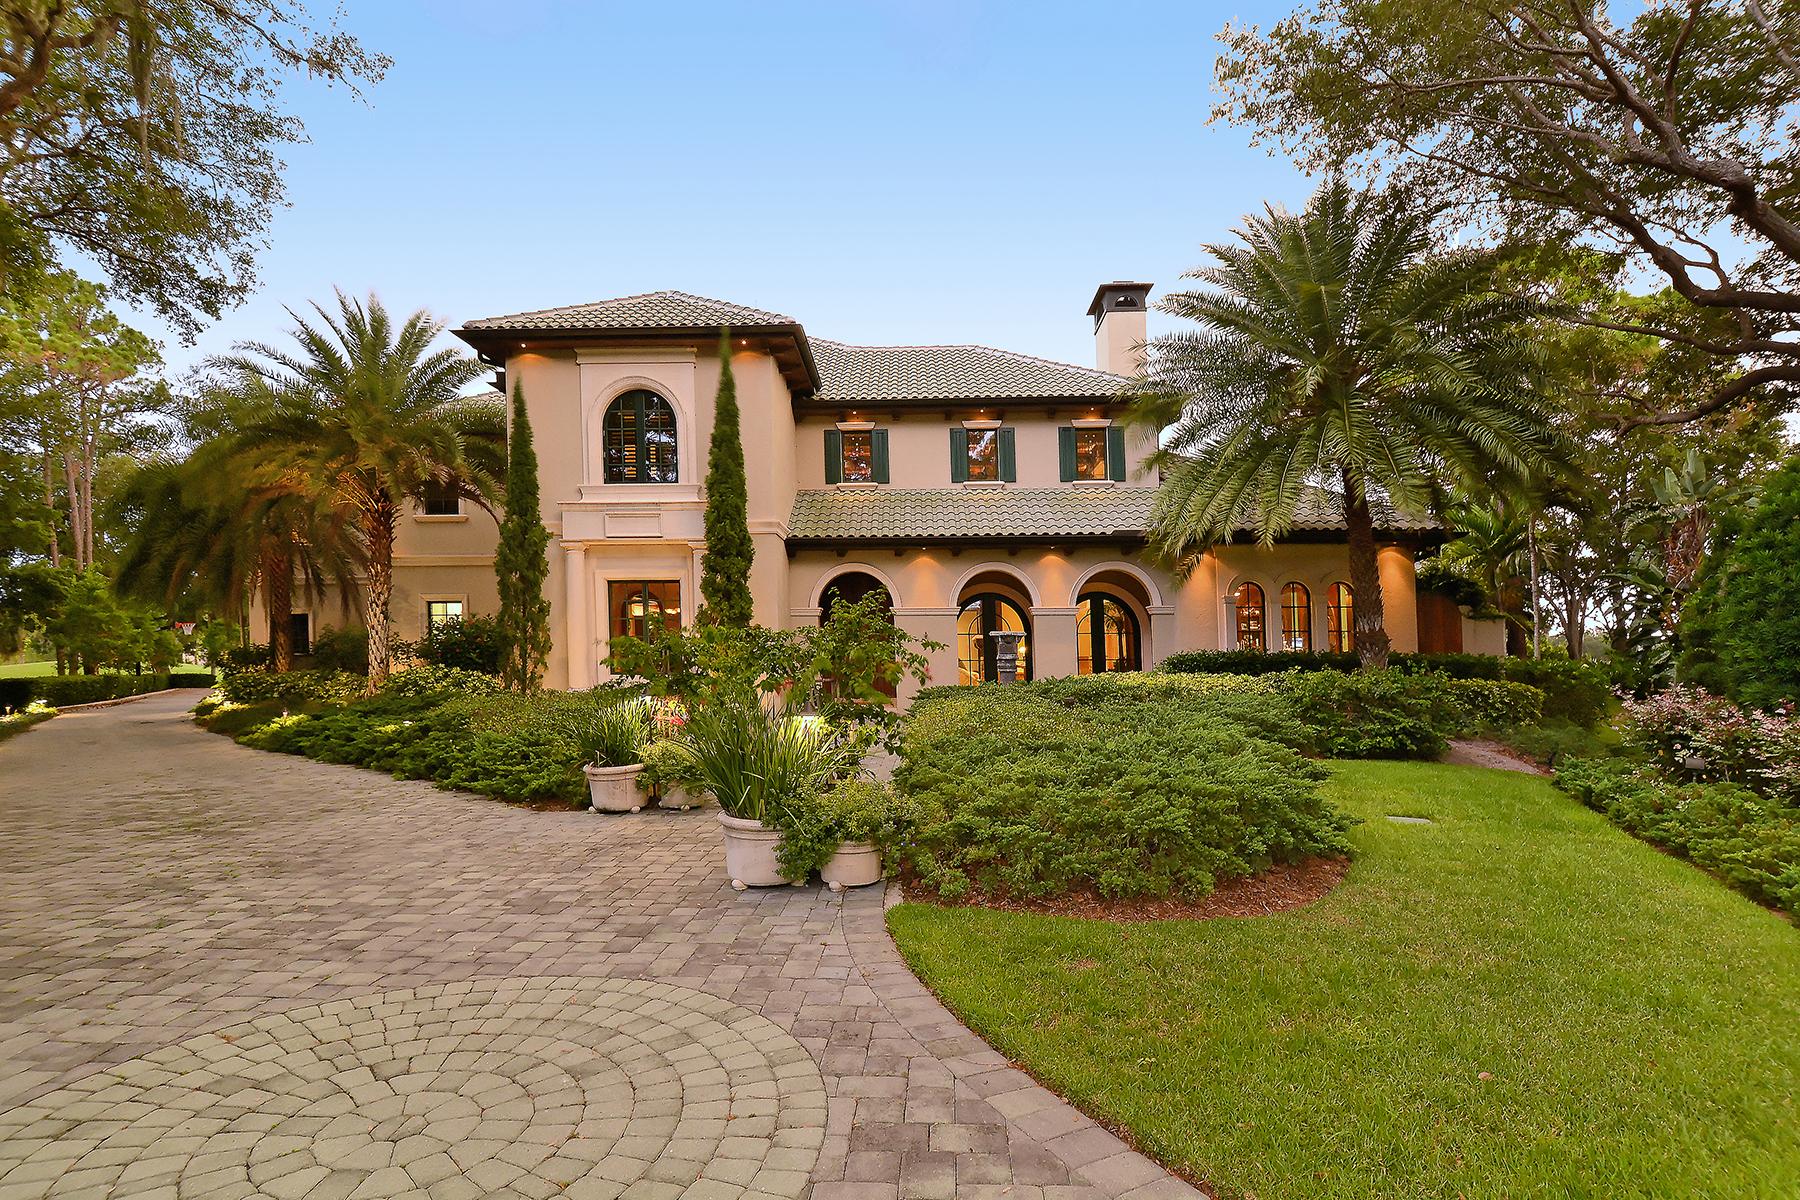 Casa Unifamiliar por un Venta en THE OAKS 931 Blue Heron Overlook, Osprey, Florida 34229 Estados Unidos